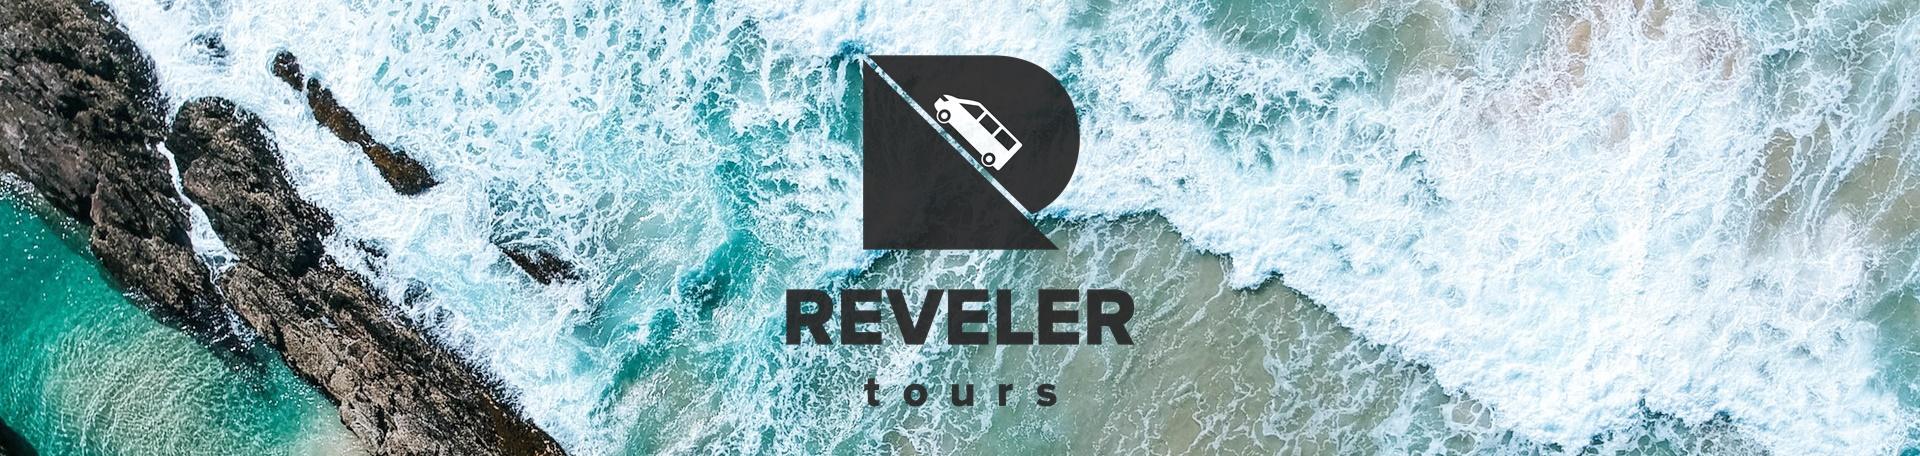 REVELER TOURS COVER.jpeg